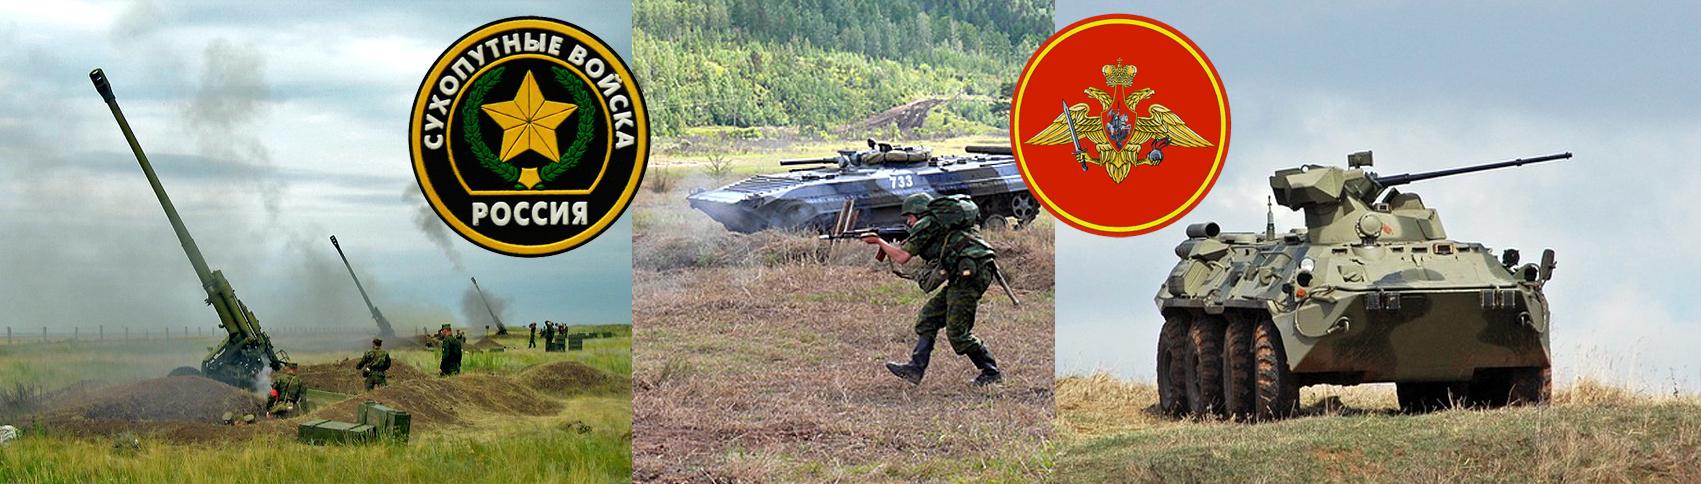 Открытки. День сухопутных войск РФ! Поздравляем